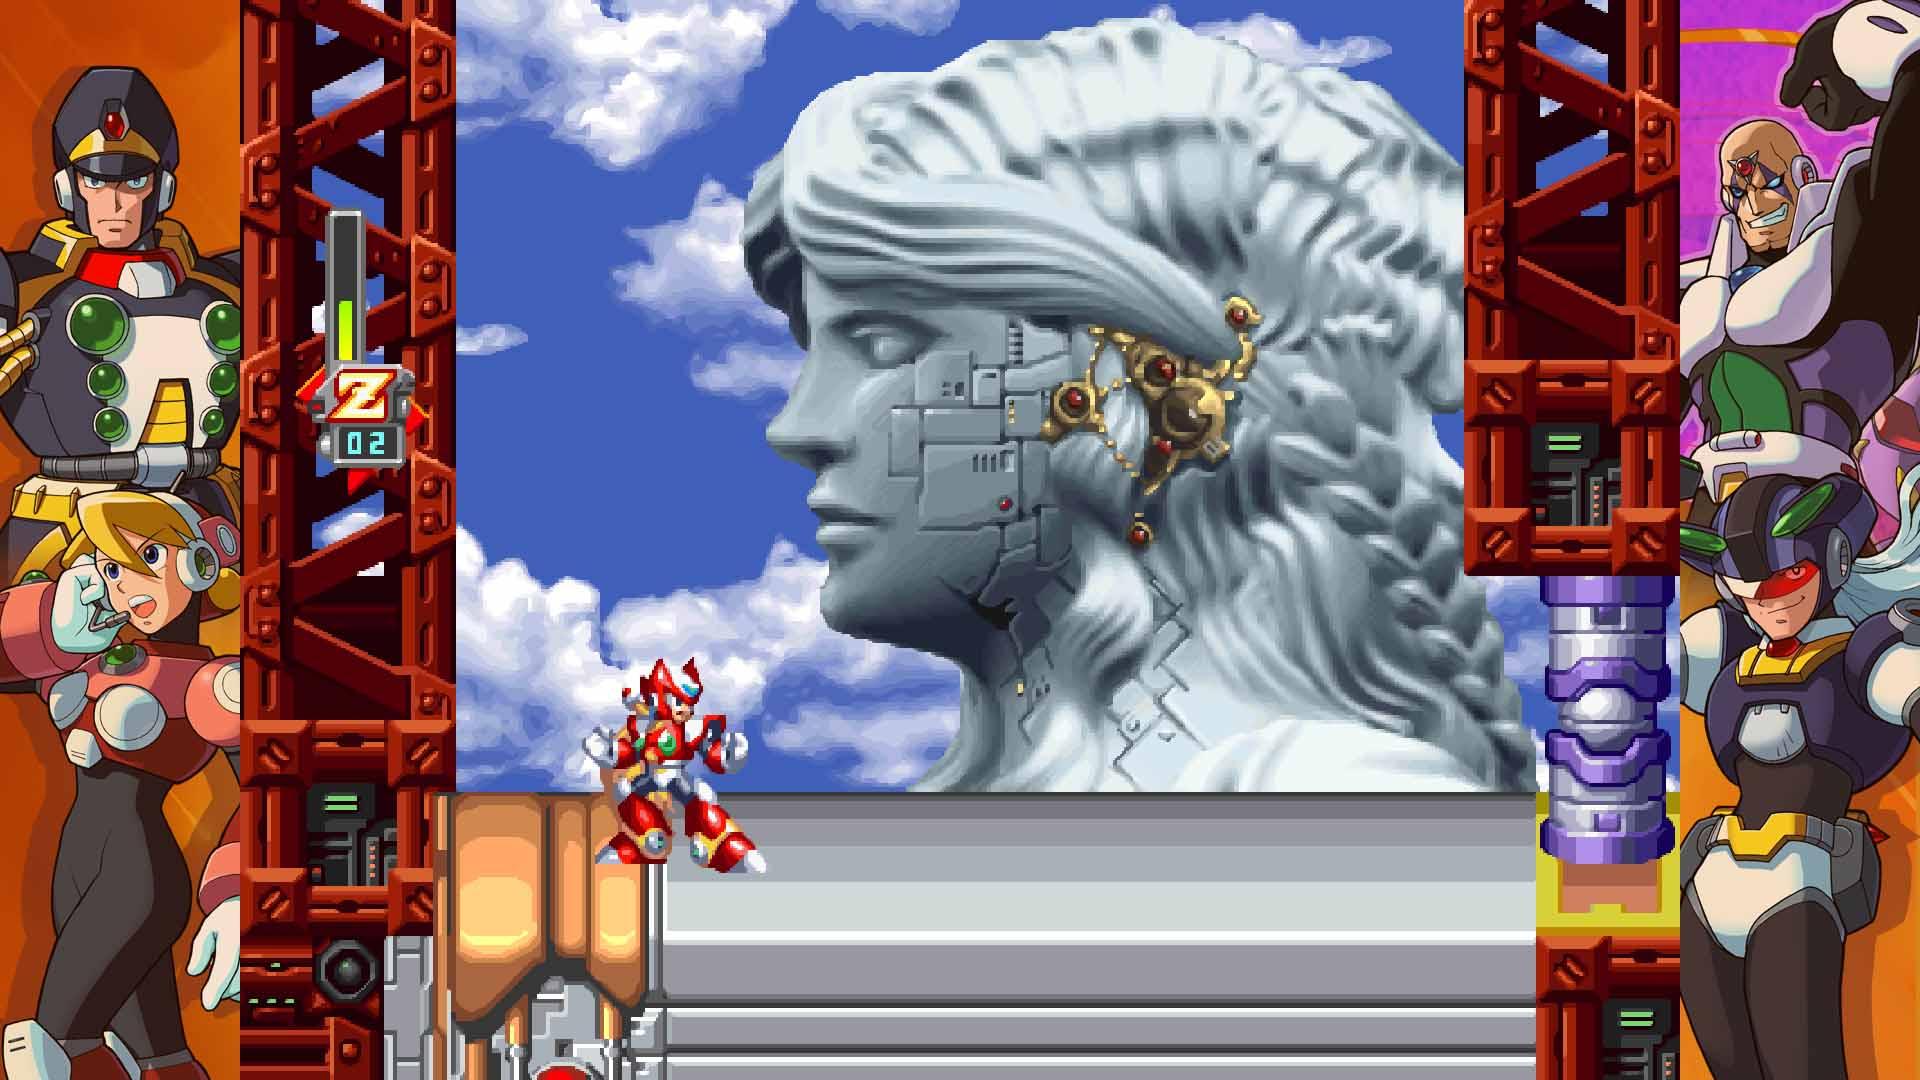 Análisis de Mega Man X Legacy Collection 1+2 - Xbox One 4